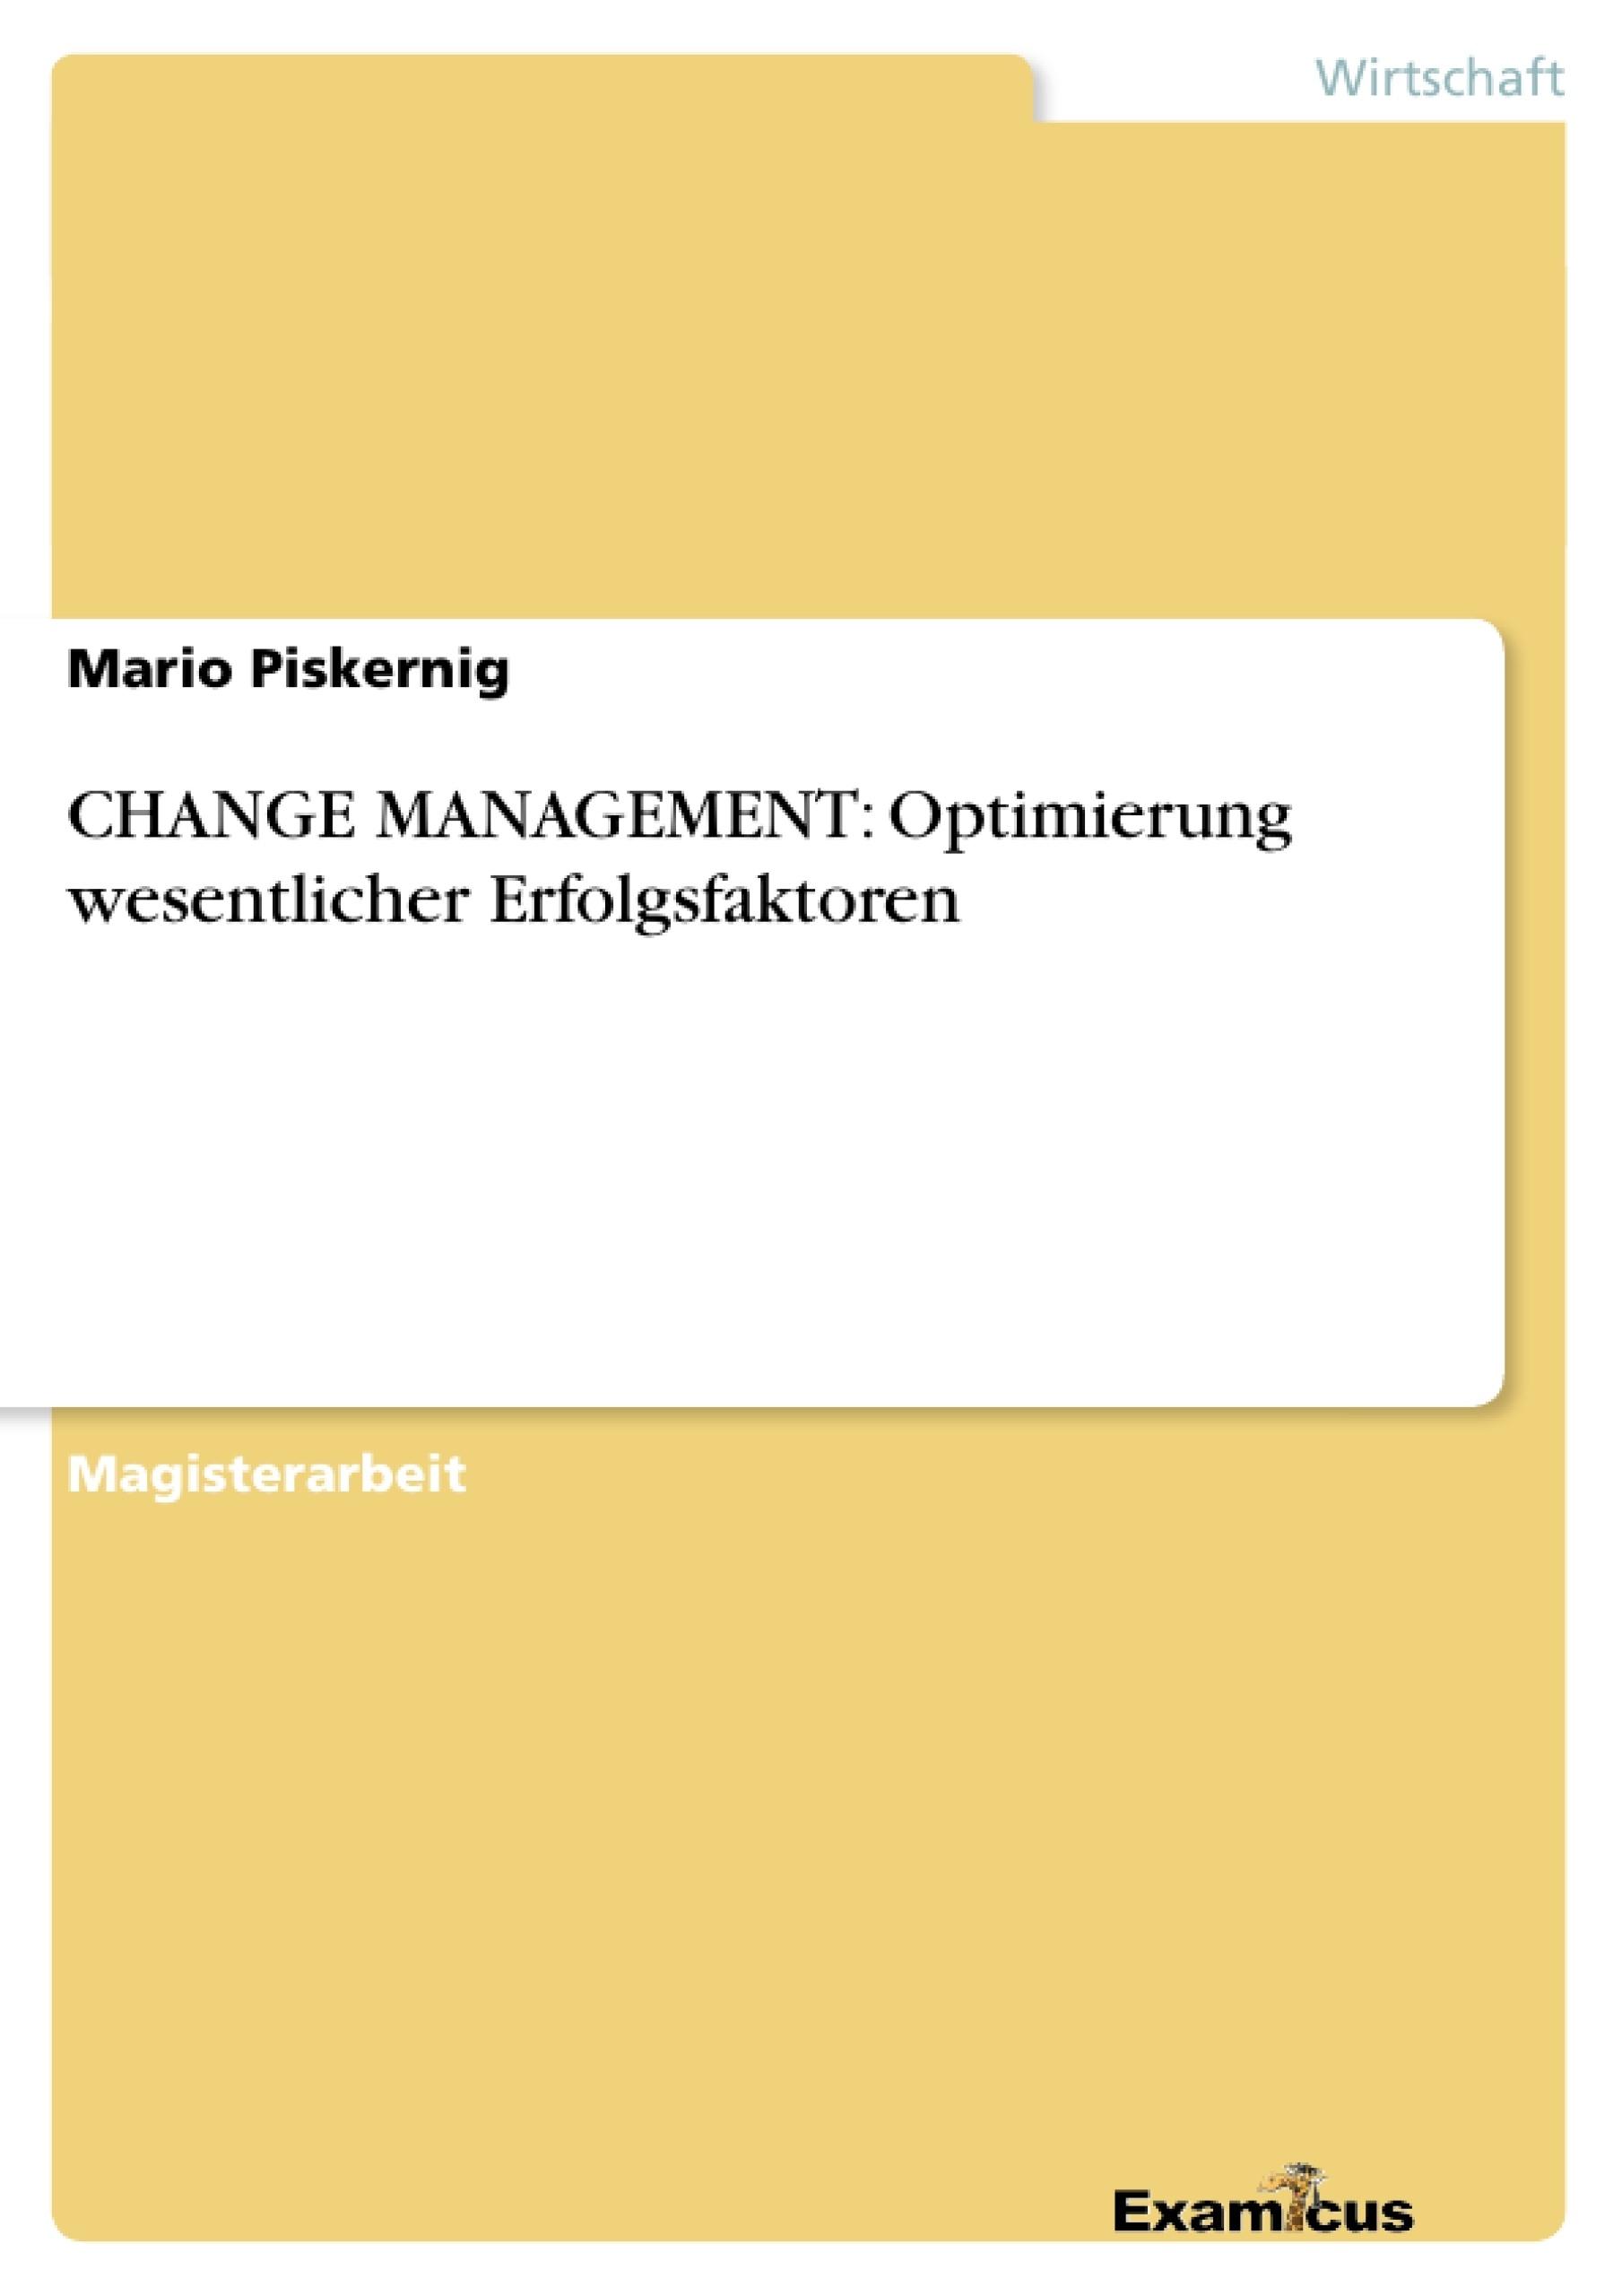 Titel: CHANGE MANAGEMENT: Optimierung wesentlicher Erfolgsfaktoren